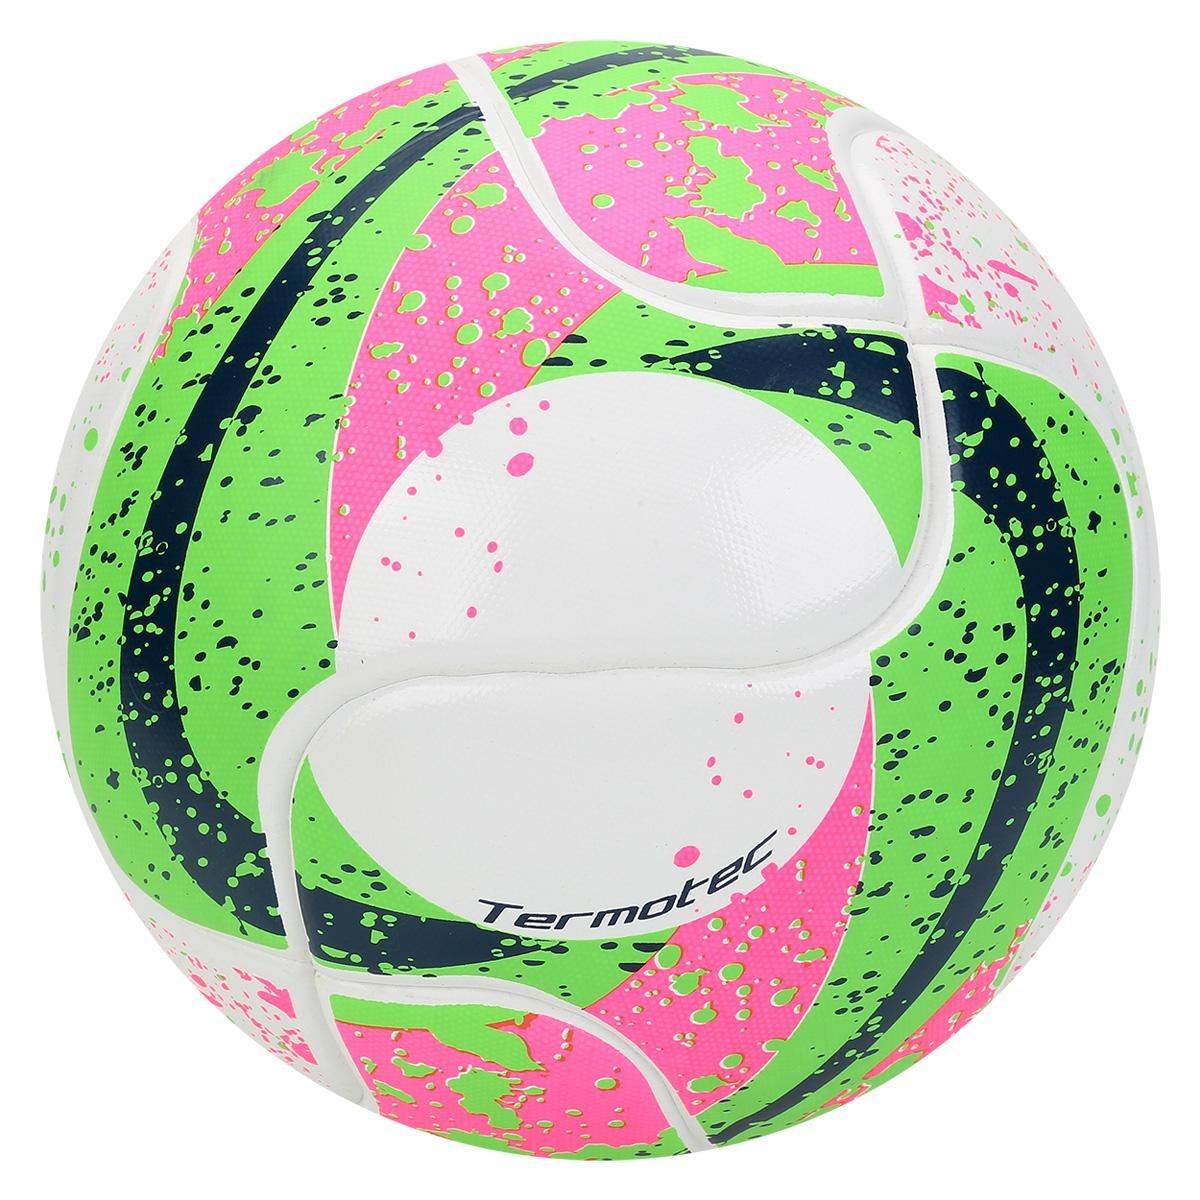 bola de futsal penalty max 100 termotec vii. Carregando zoom... bola futsal  penalty. Carregando zoom. c381622f9da52